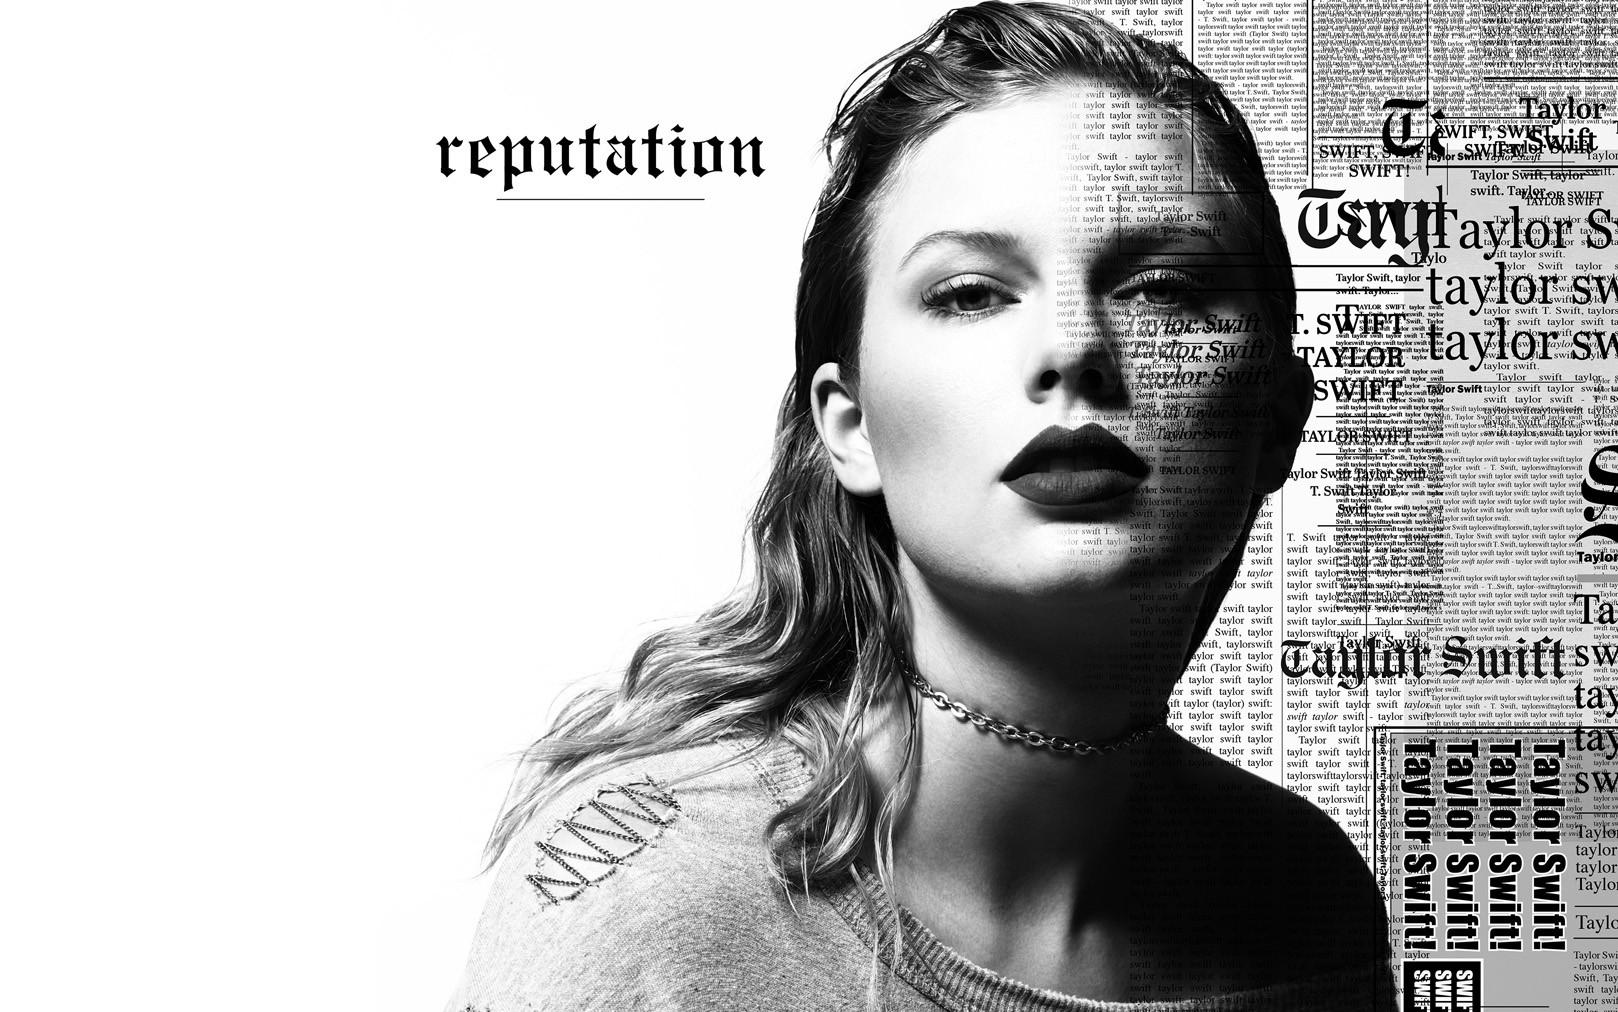 Sau Taylor Swift, hàng loạt sao US-UK này cũng xài chiêu ẩn mình trên mạng xã hội trước khi ra sản phẩm - Ảnh 1.